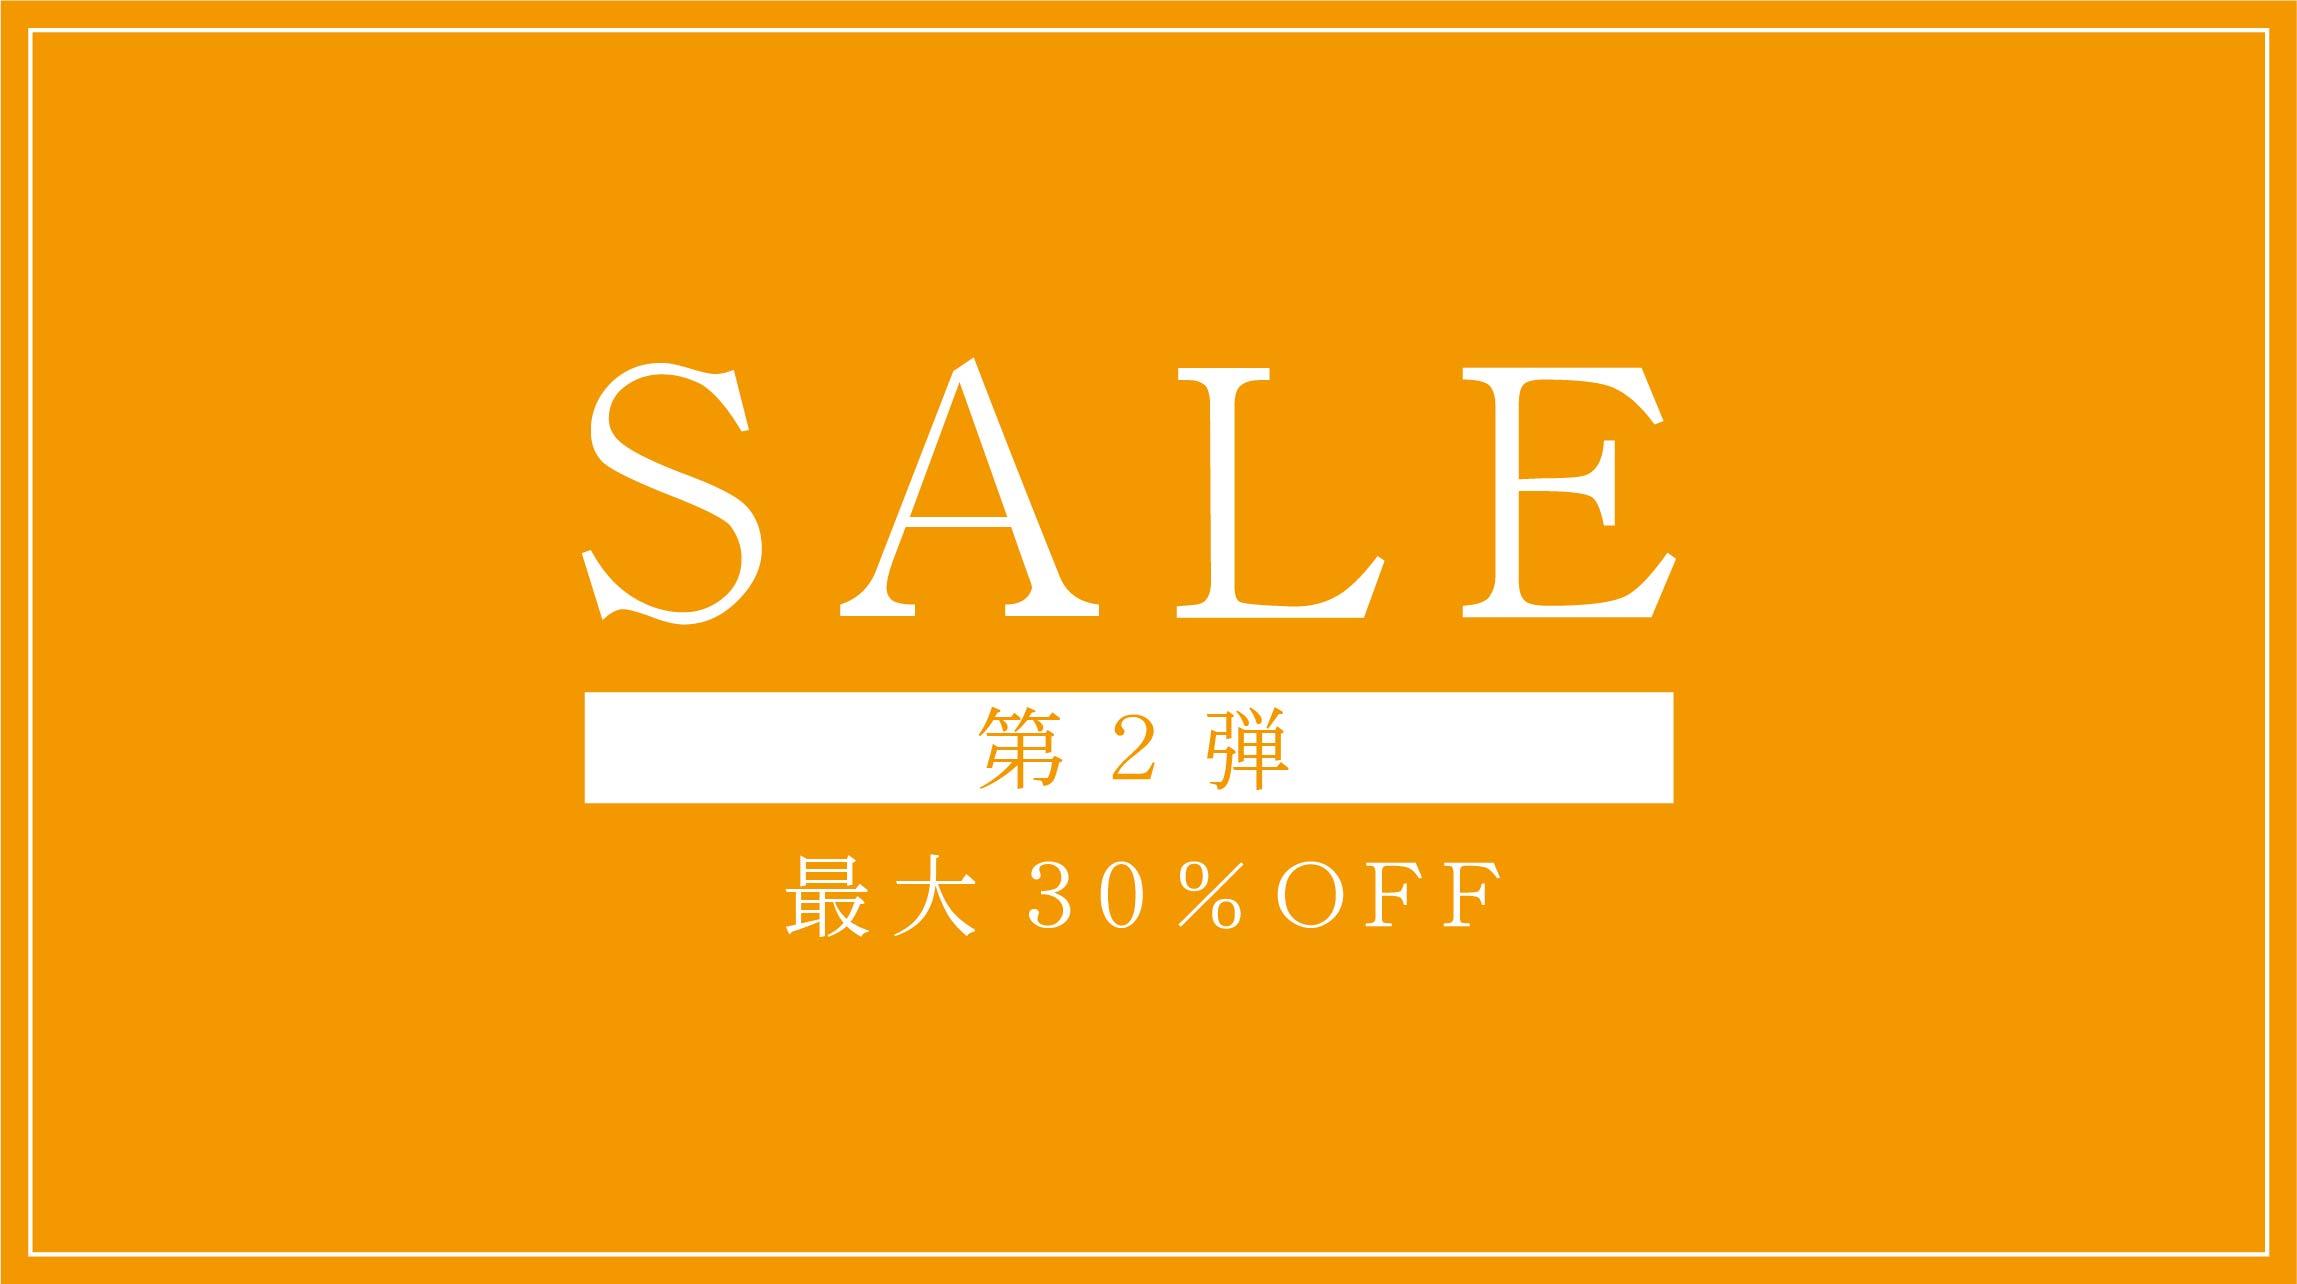 【第2弾】雑貨SALE開催!最大30%OFF @下関エコショップCOM//7/24(土)~8/8(日)